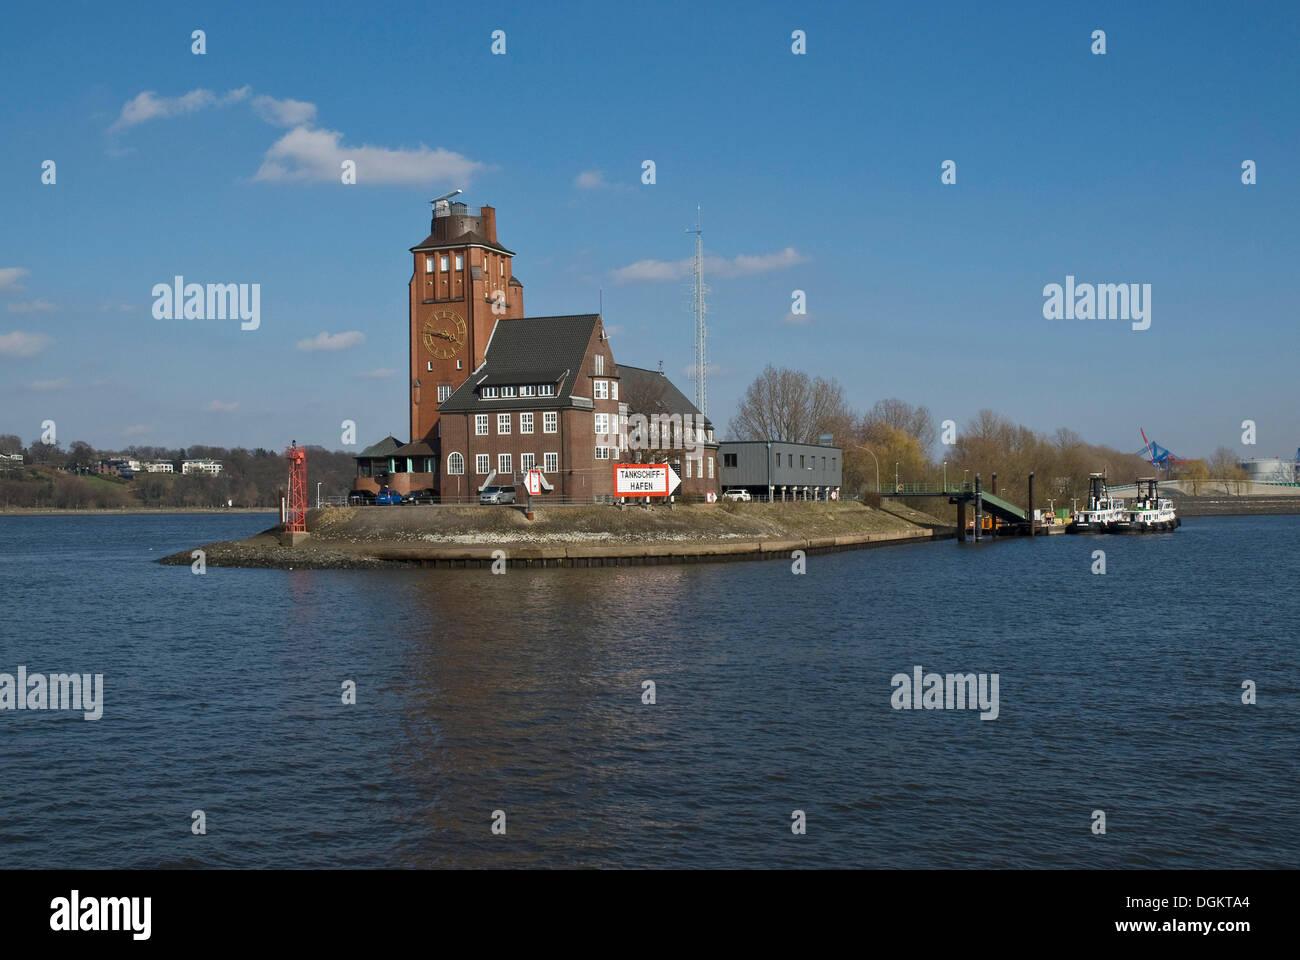 Port de Hambourg, l'entrée à l'Tankschiffhafen, port pétrolier, l'Elbe, Hambourg Photo Stock